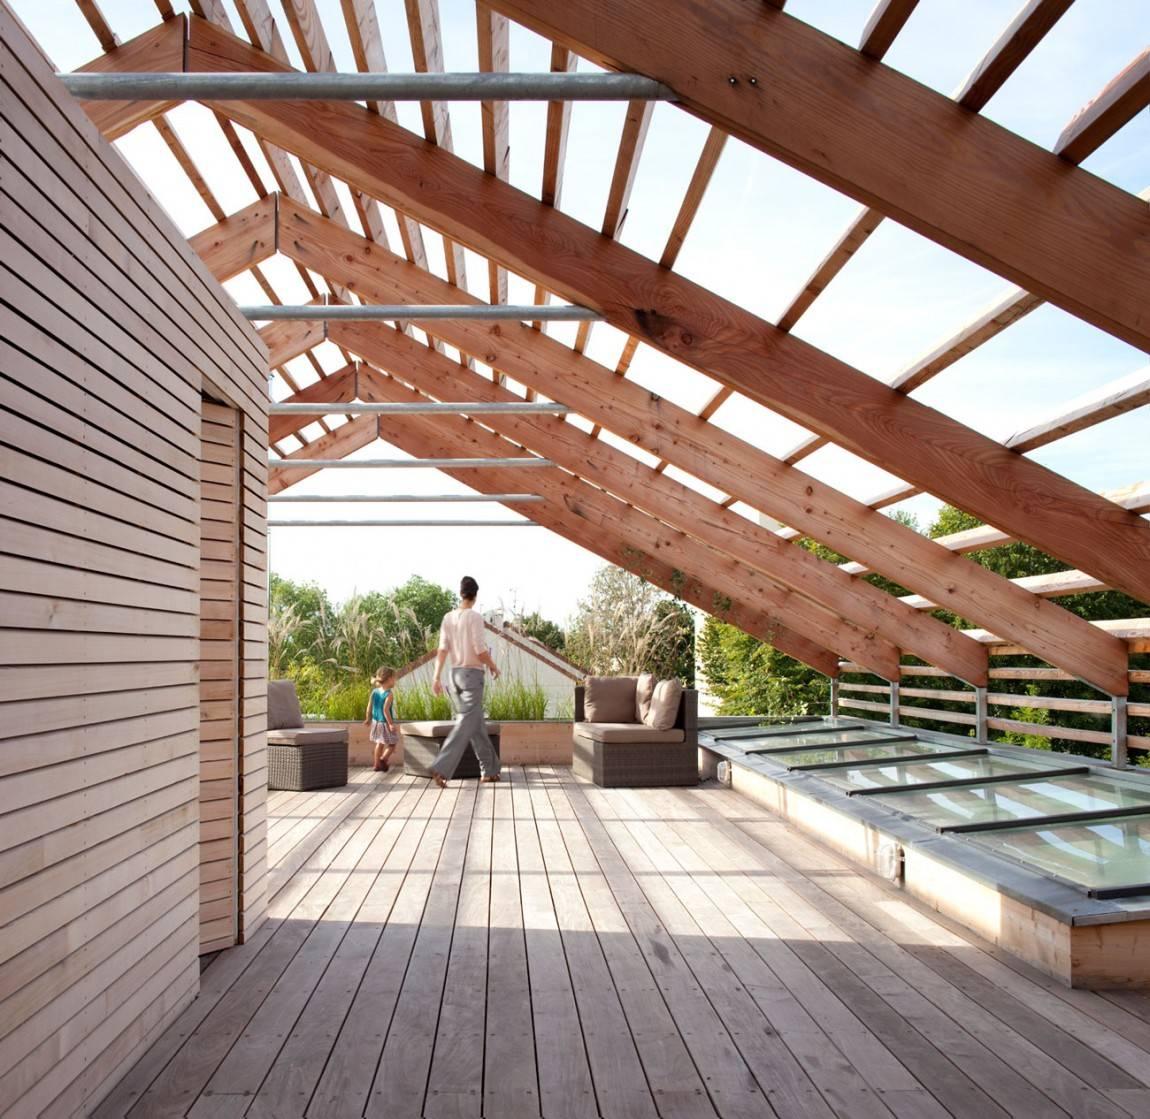 Как пристроить террасу к дому — просто и быстро строим простейшую террасу из разных материалов (90 фото)